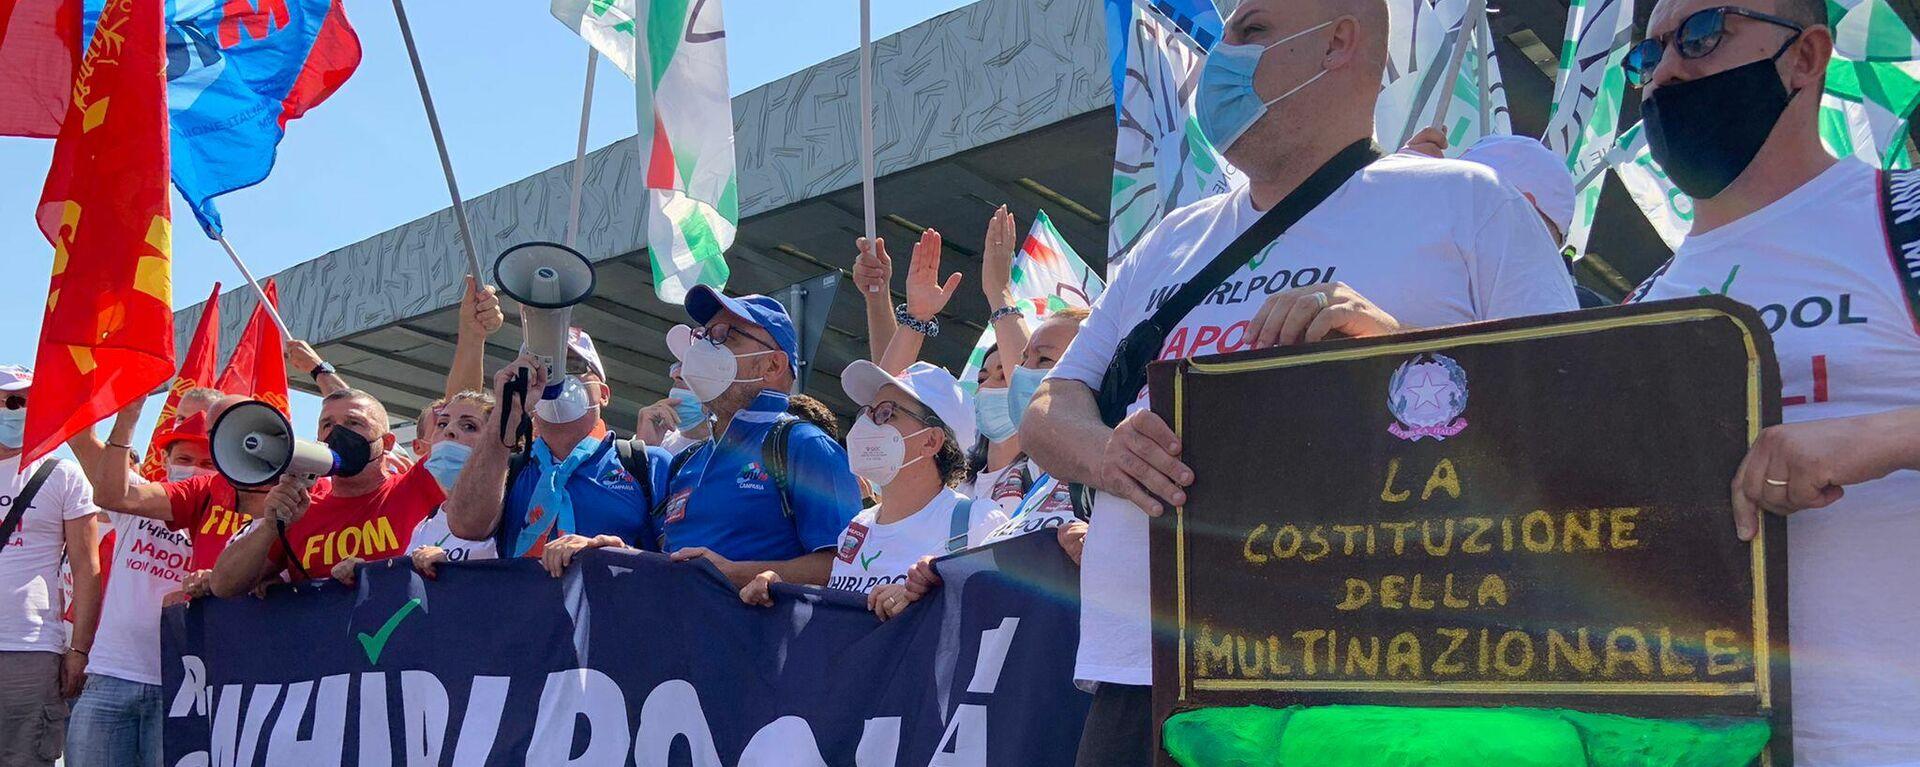 Manifestazione lavoratori Whirlpool a Roma, 22 luglio 2022 - Sputnik Italia, 1920, 10.09.2021